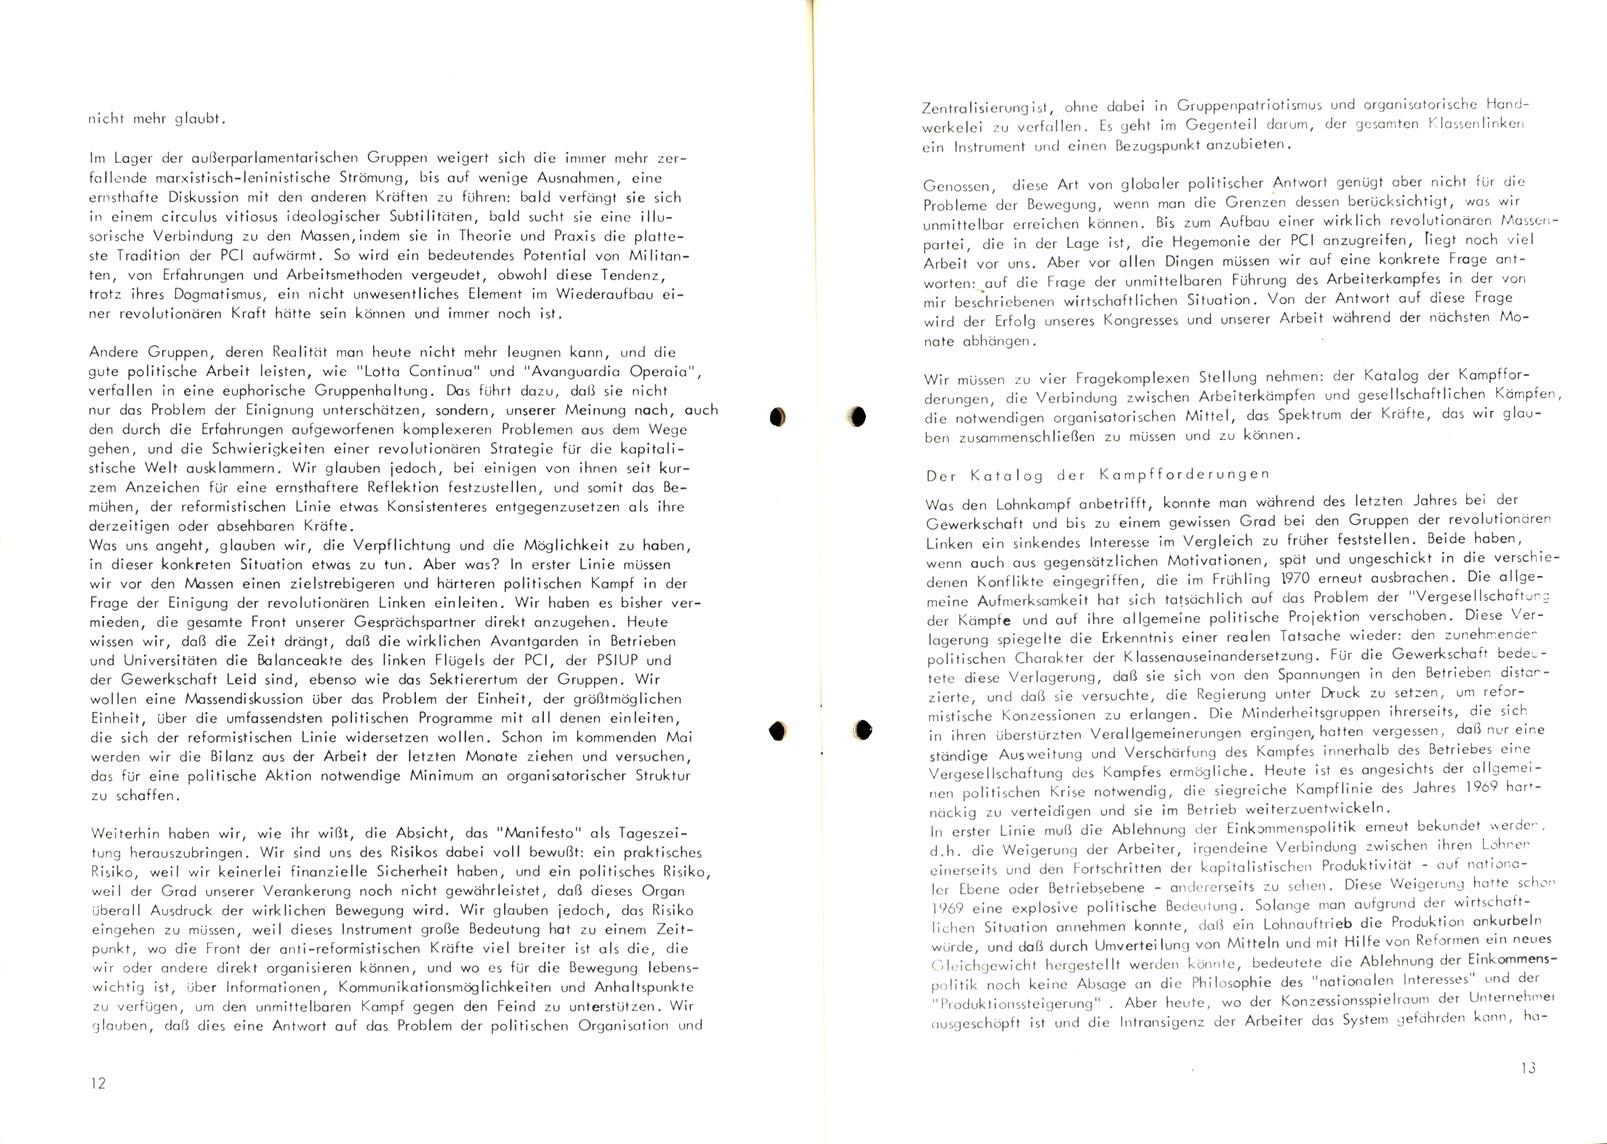 Manifesto_1971_Einheit_der_Klassenlinken_07